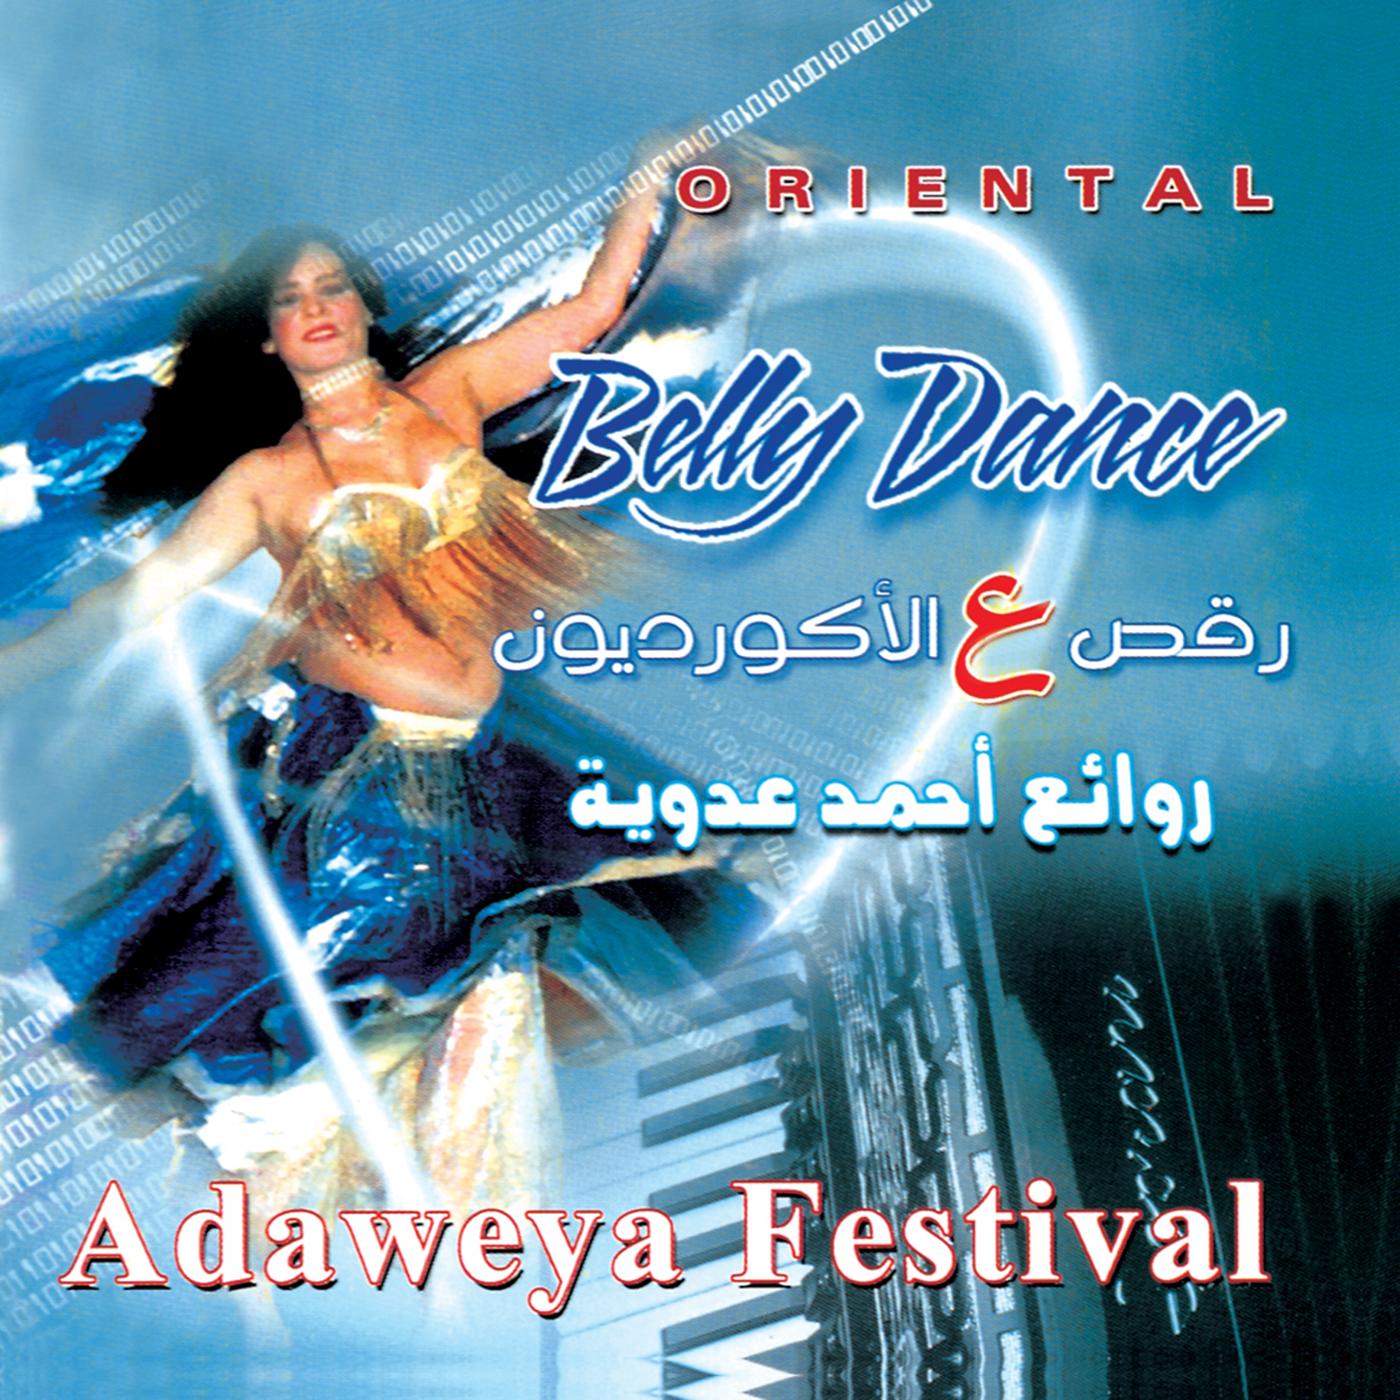 Oriental Belly Dance Adwaia/  Ahmed Nasr   BUY IT